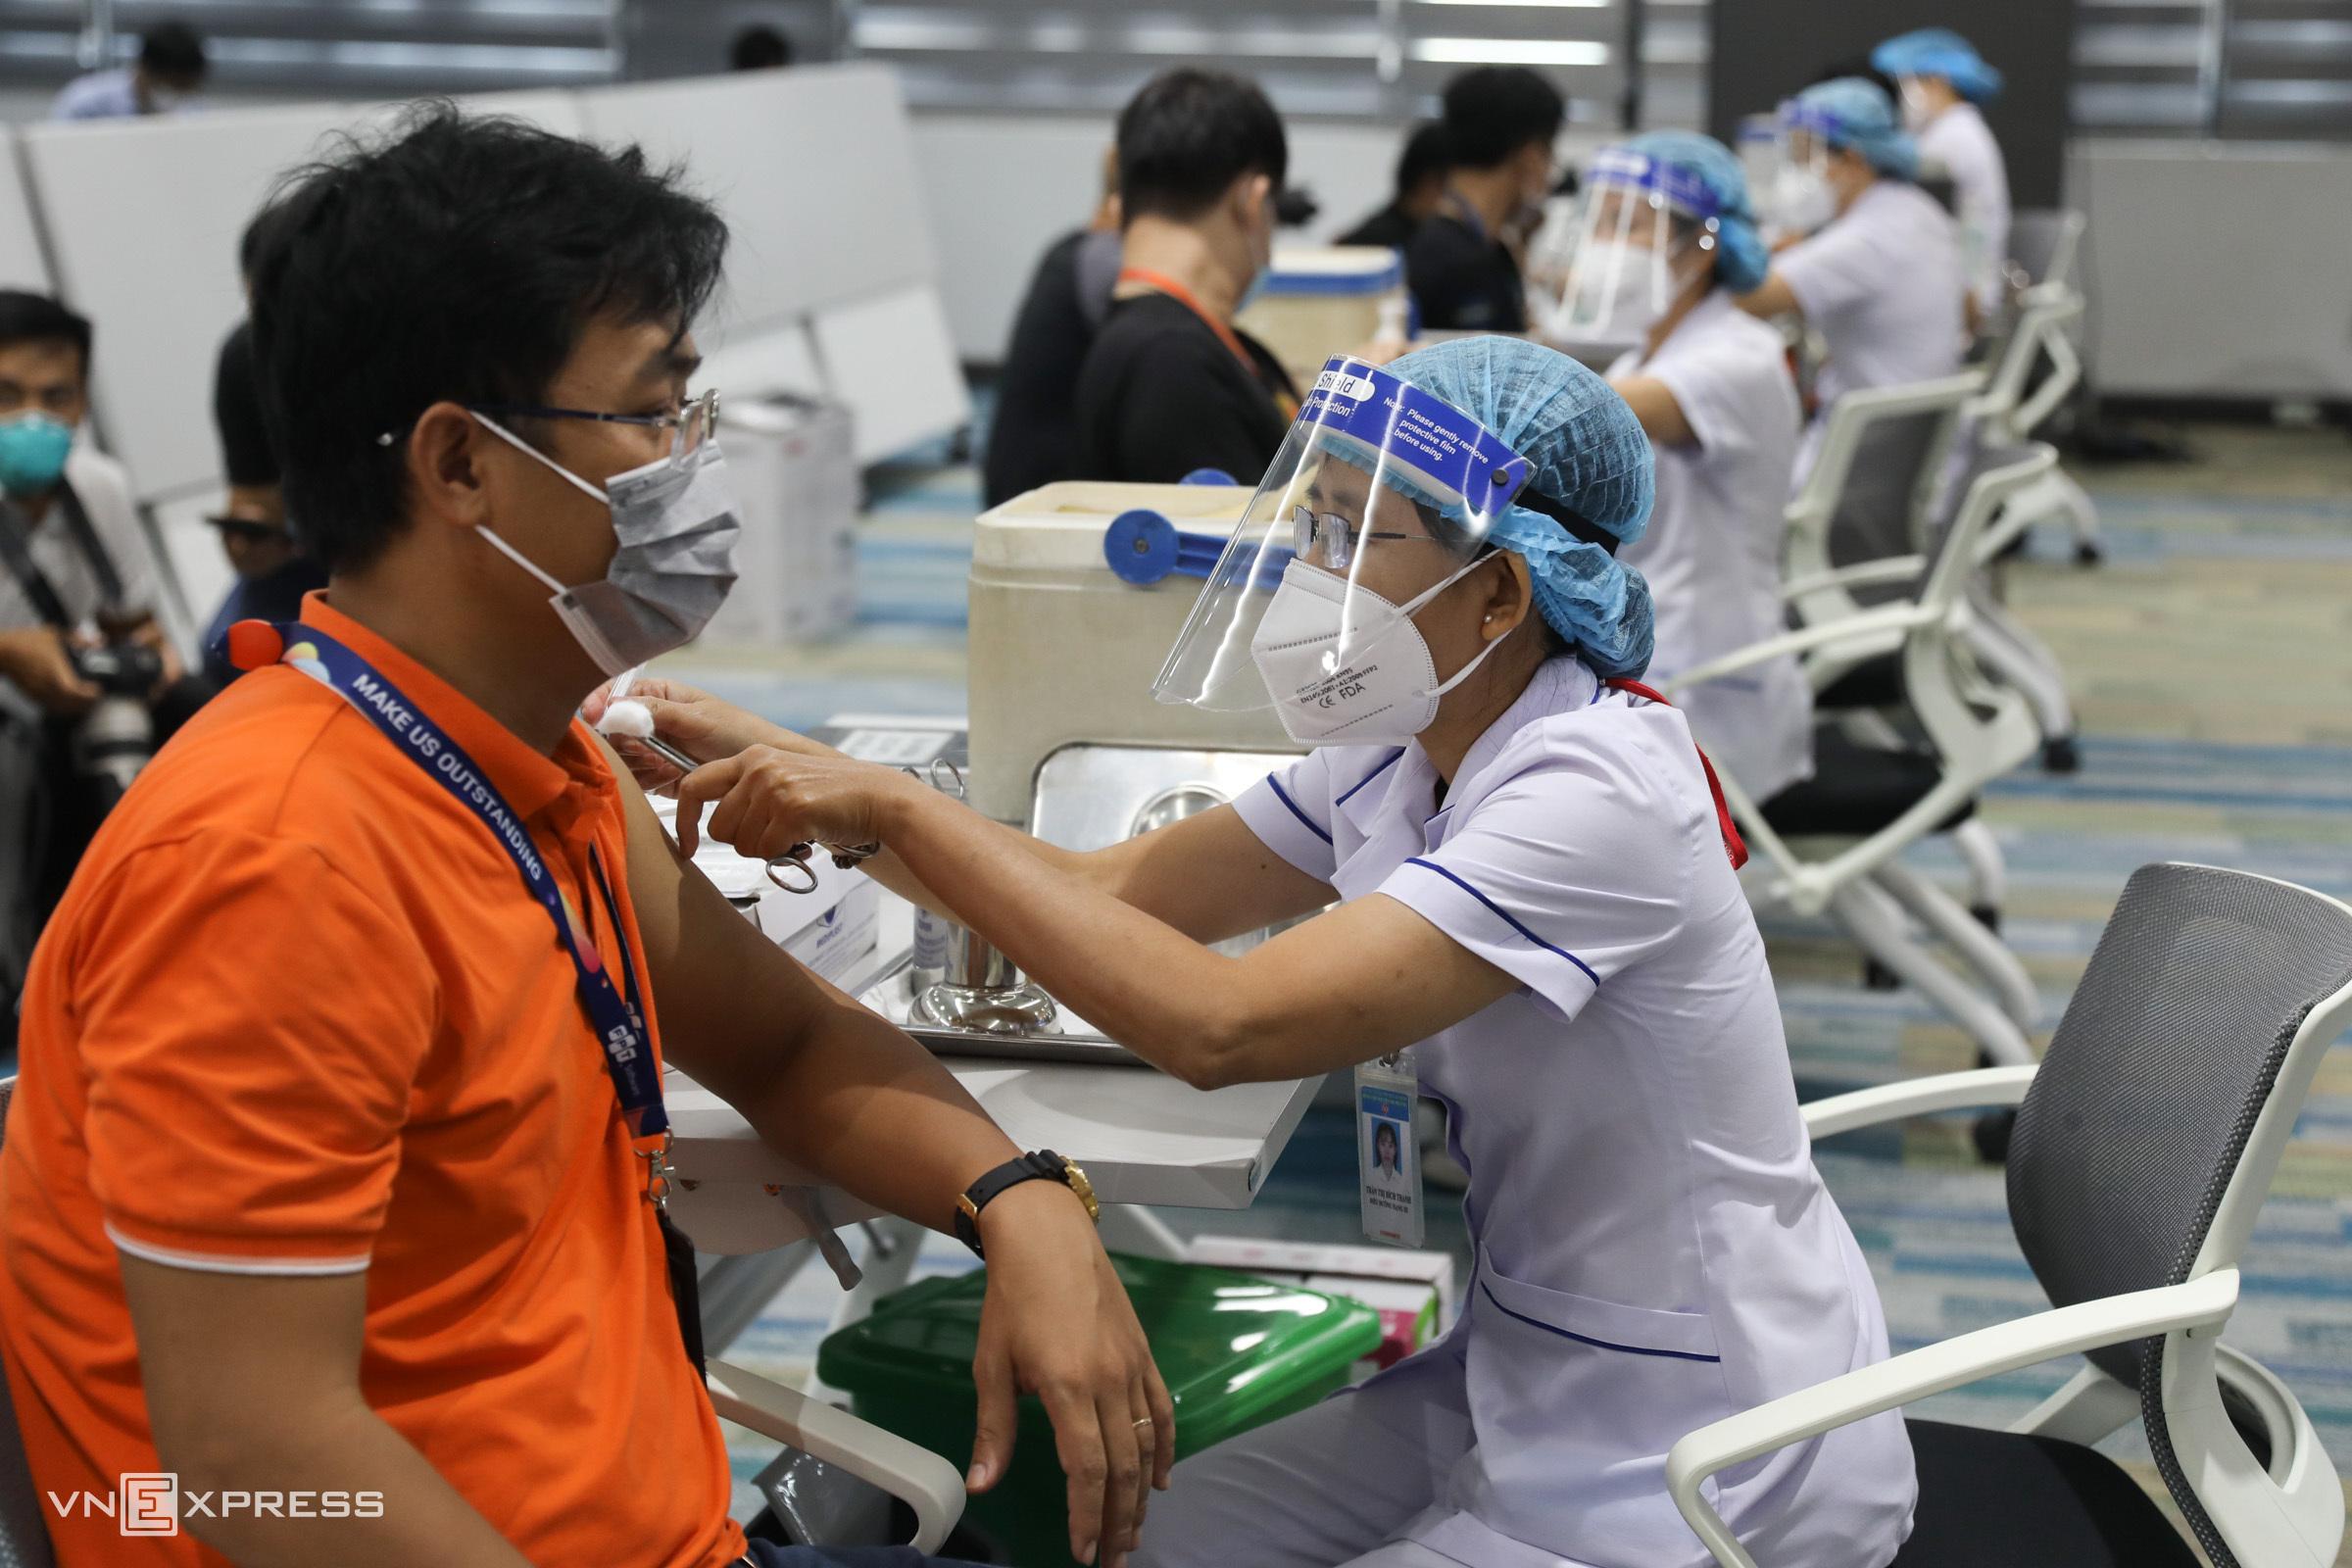 Nhân viên FPT Software tại Khu Công nghệ cao TP HCM tiêm vaccine Covid-19 sáng 19/6. Ảnh: Quỳnh Trần.